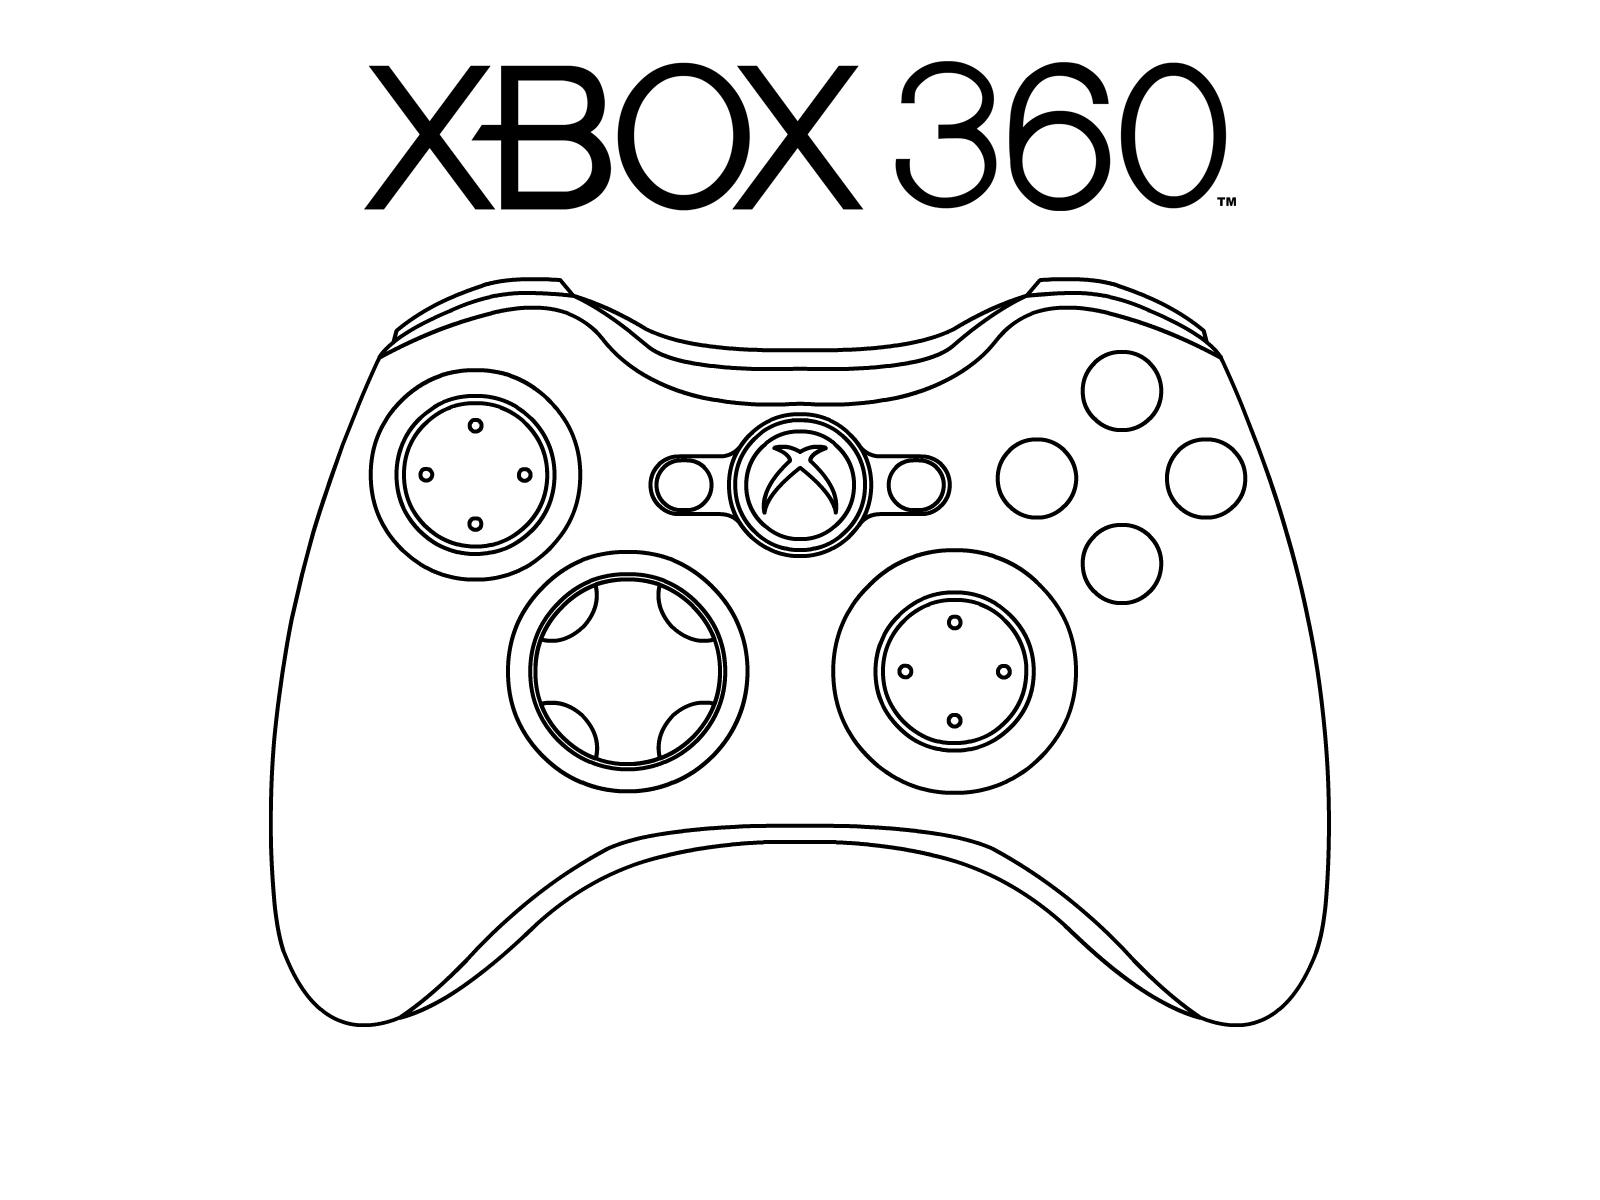 xbox 360 controller sketch - photo #21